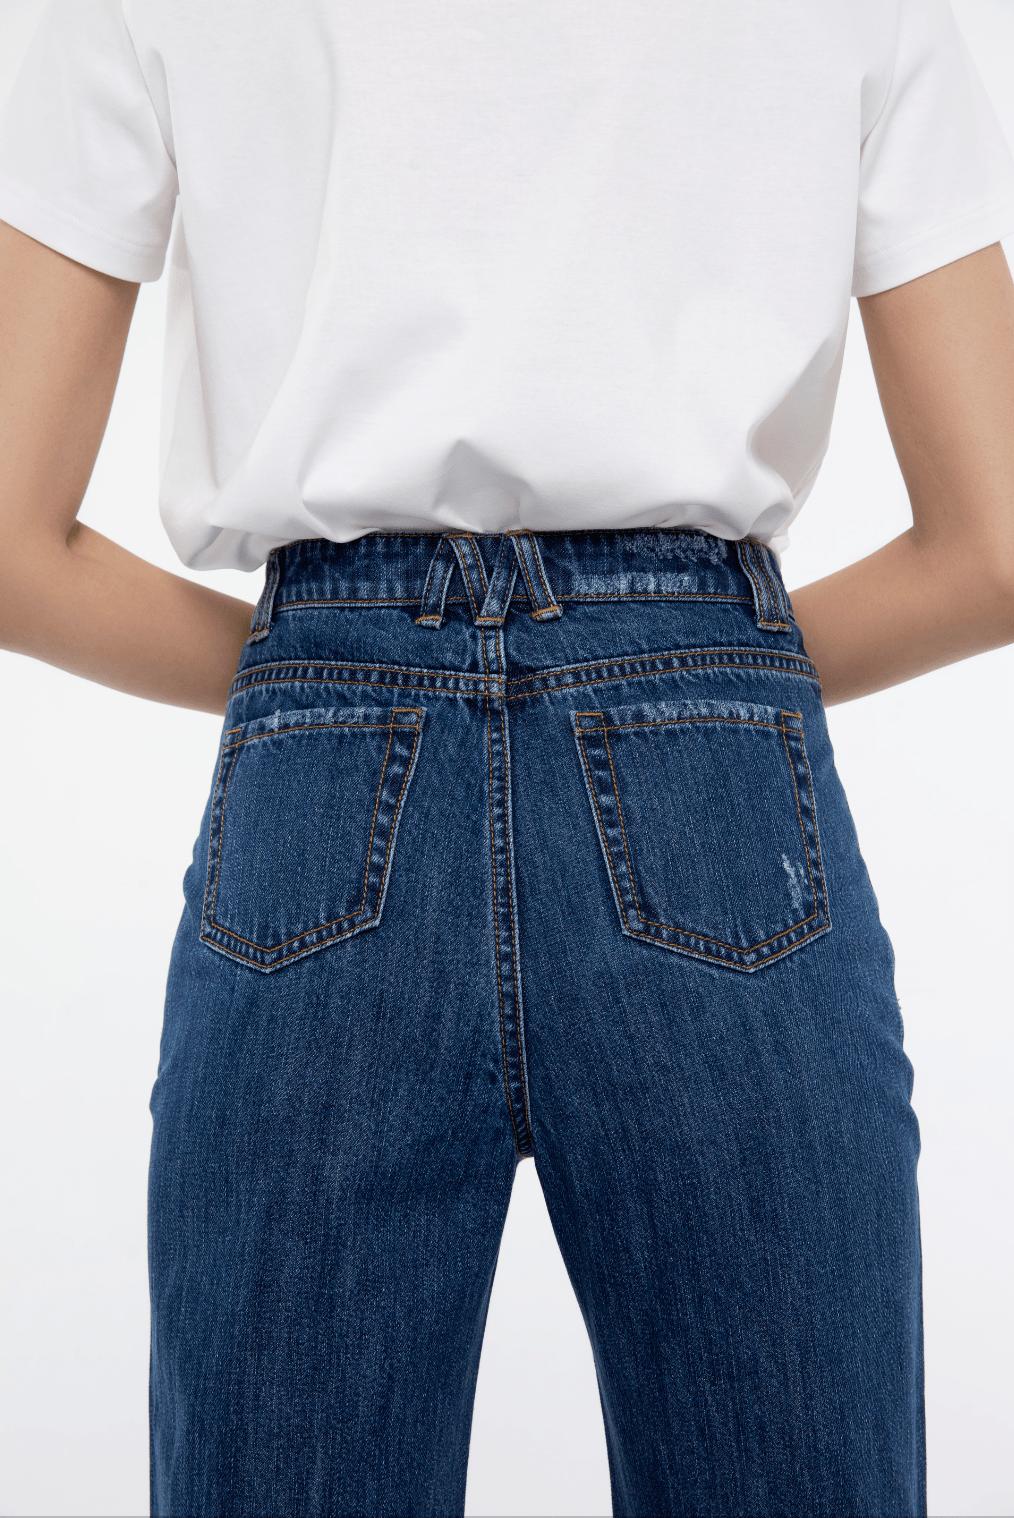 The Mo Lab | 不费力的法式风 真的全靠这条牛仔裤